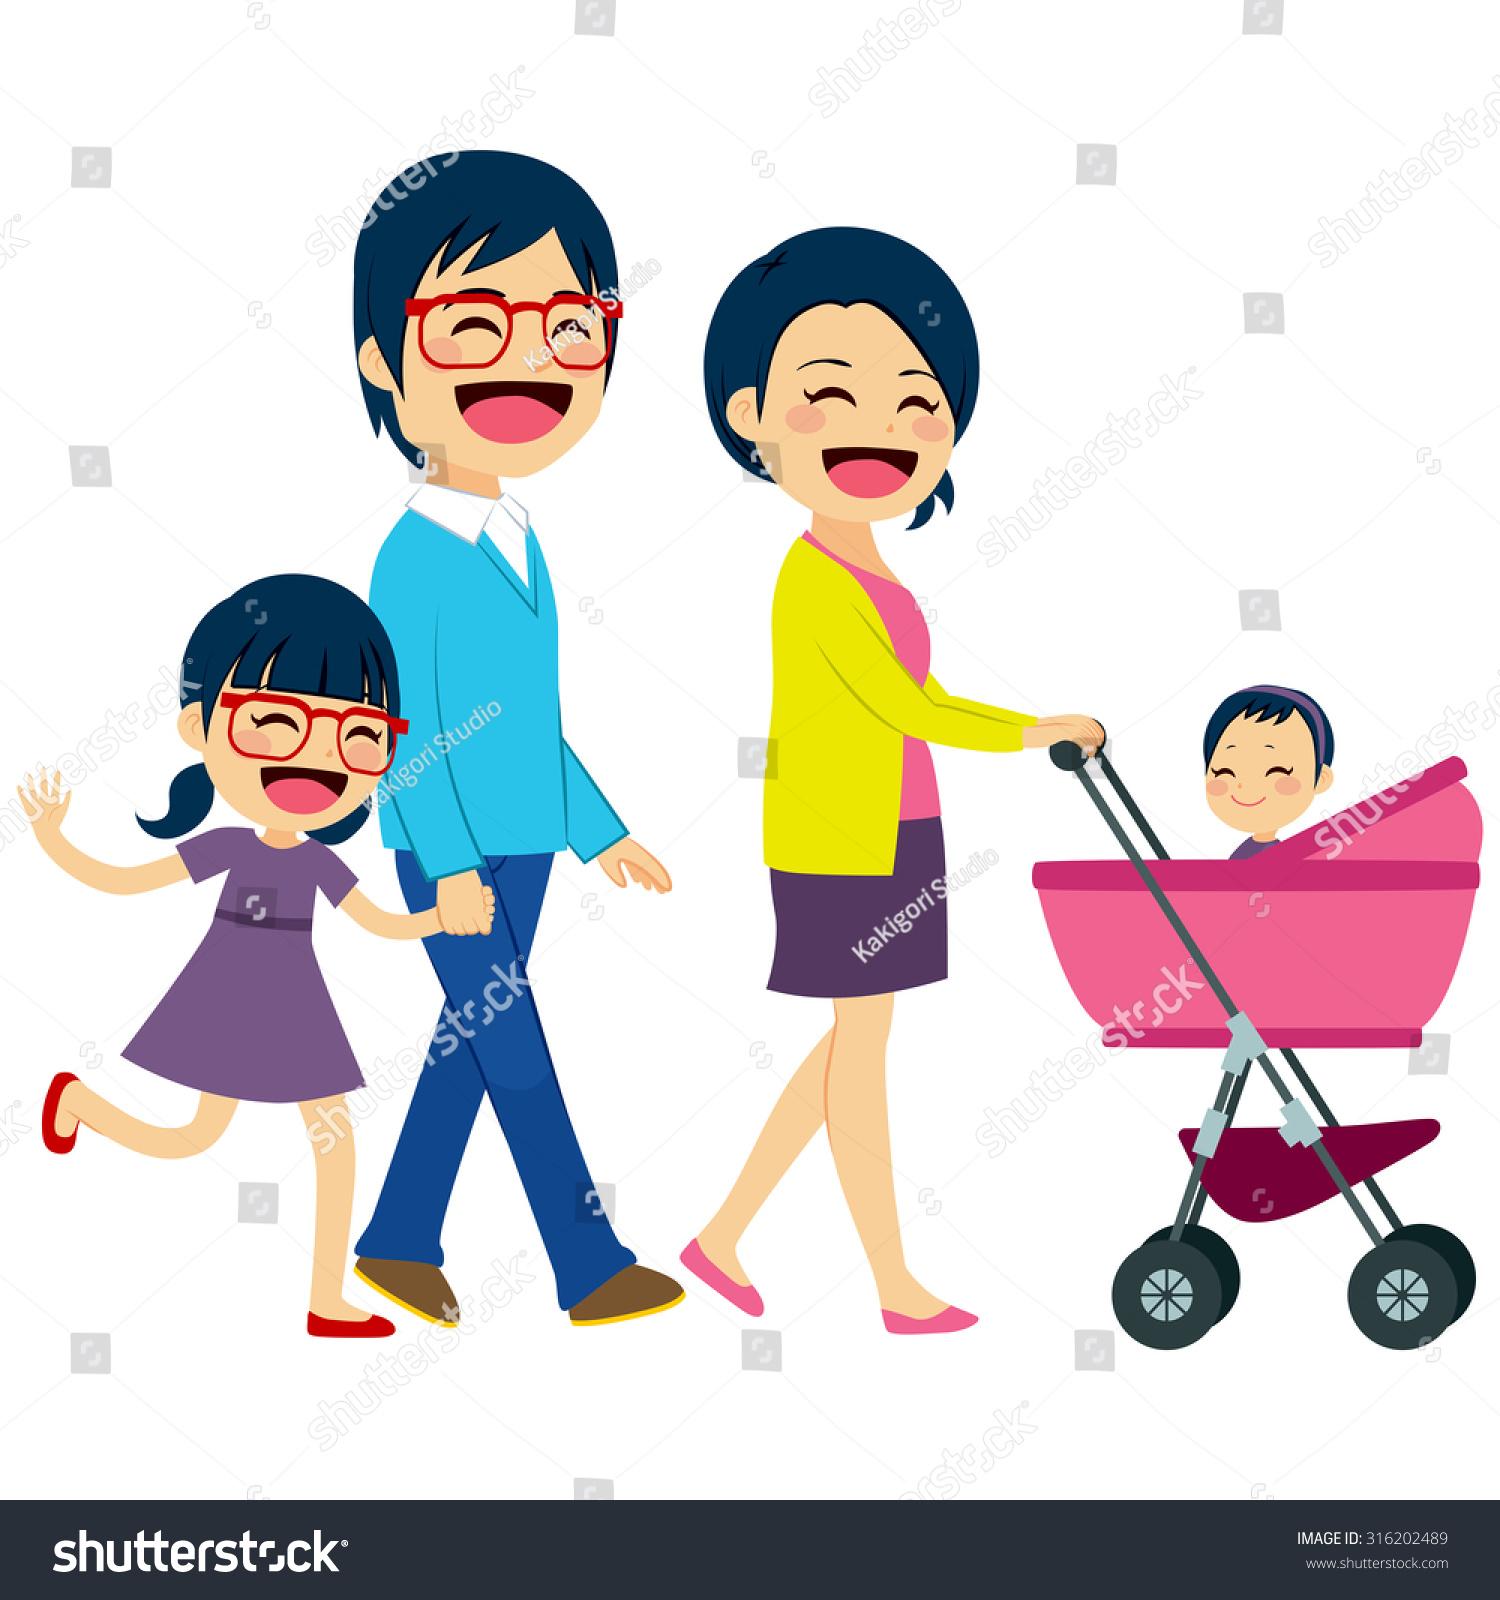 my asian family - character-rockefeller.ml